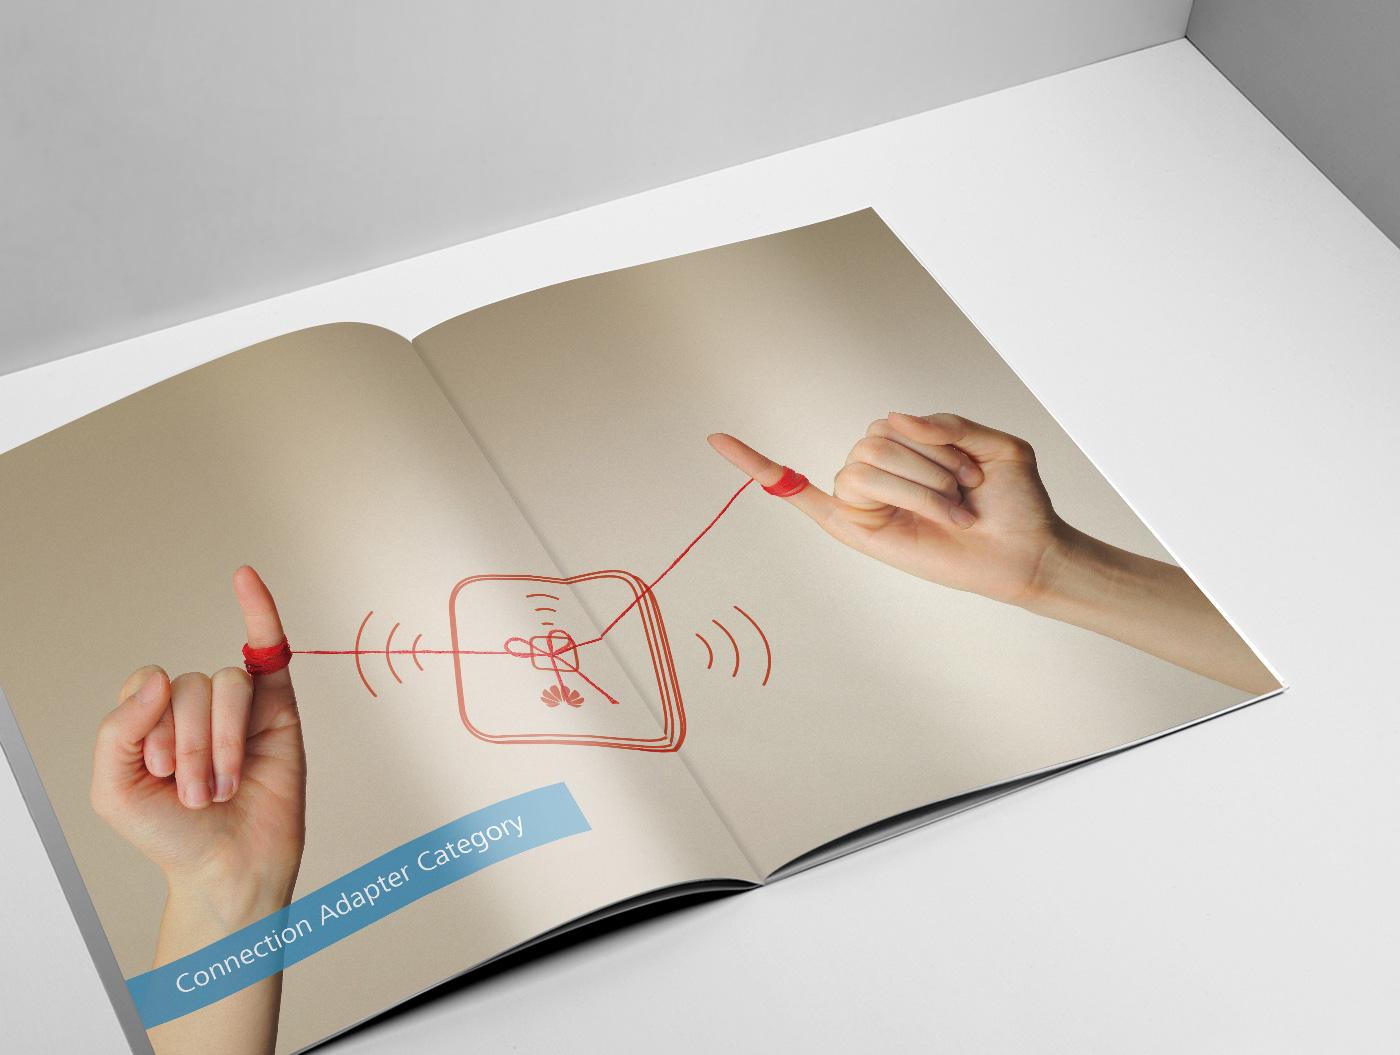 华为产品手册2013_华为画册设计_华为海外画册设计-leezonbrand